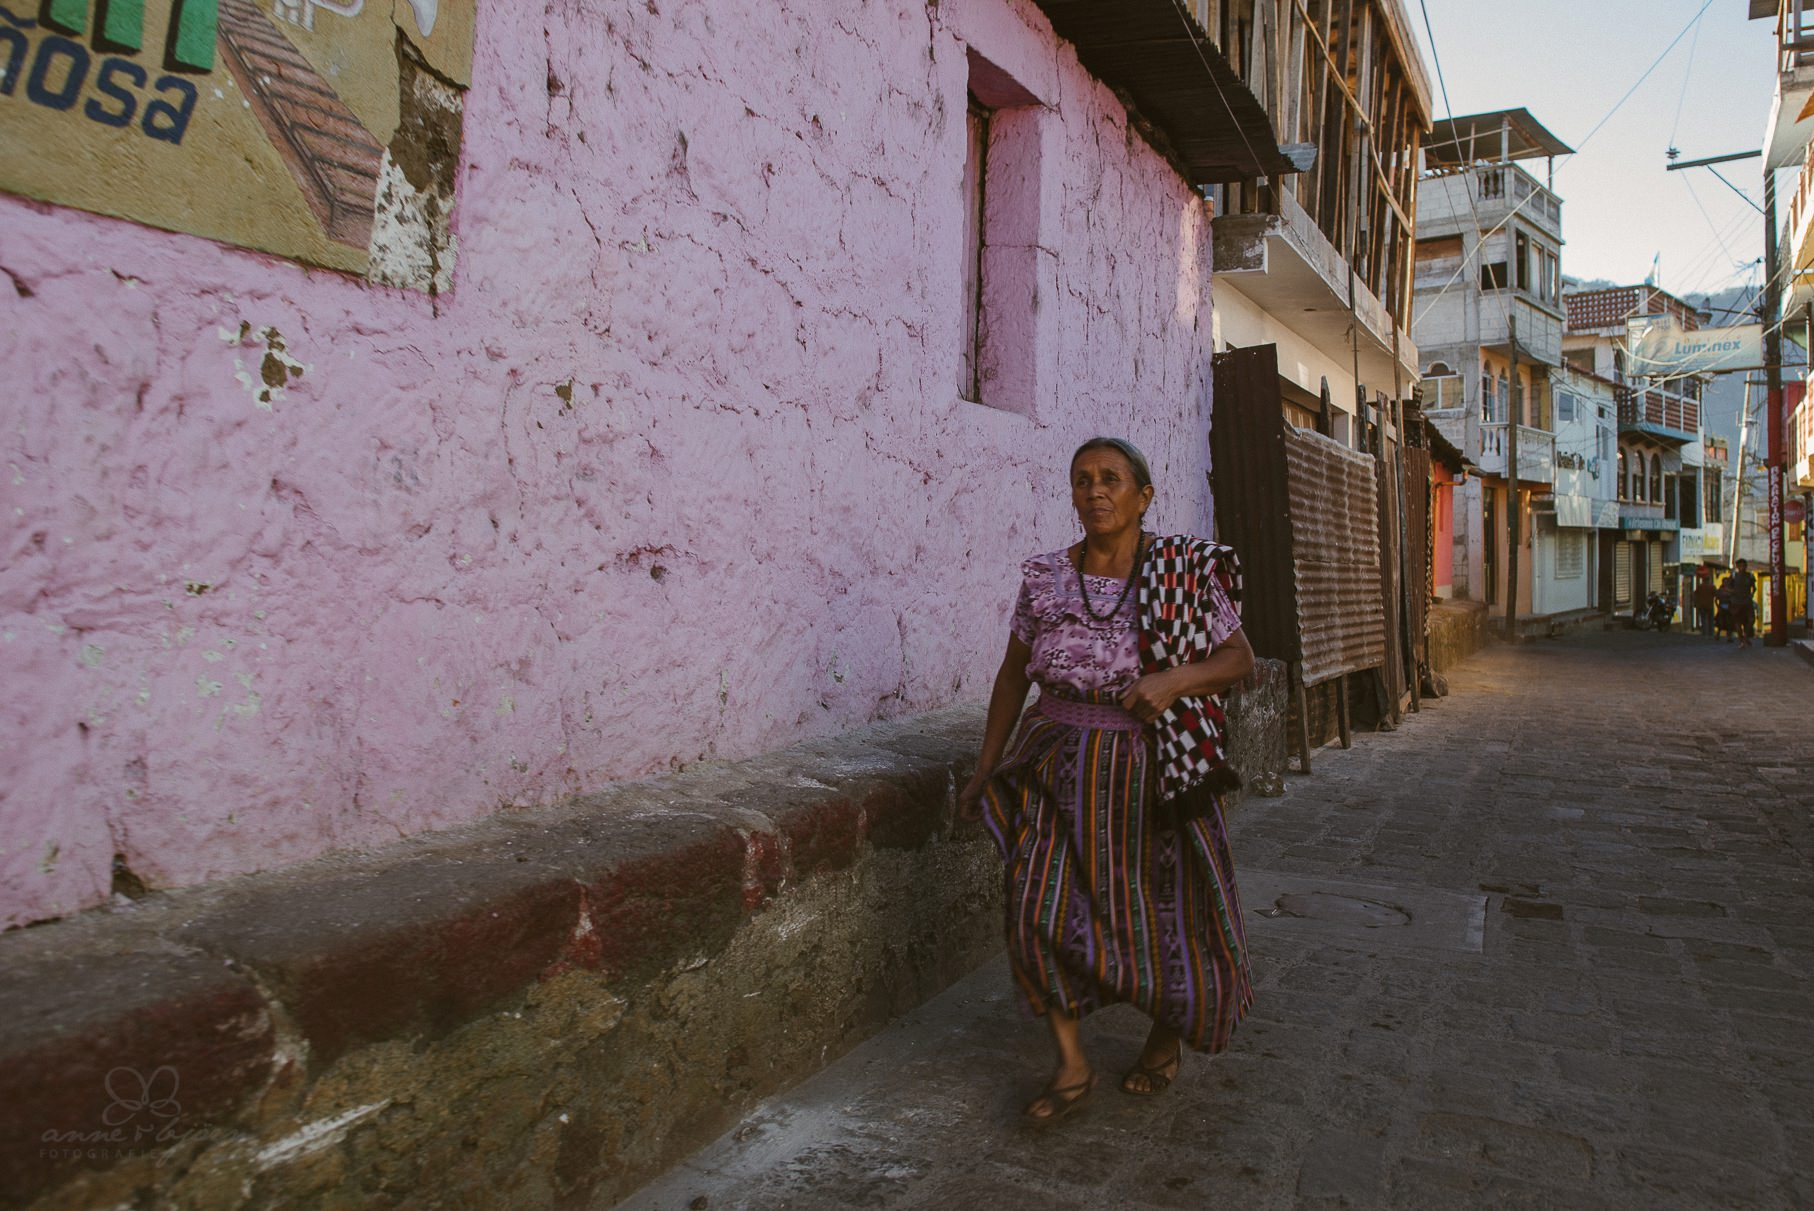 0120 anne und bjoern guatemala d75 2304 - 4 Wochen durch Guatemala - backpacking durch Mittelamerika